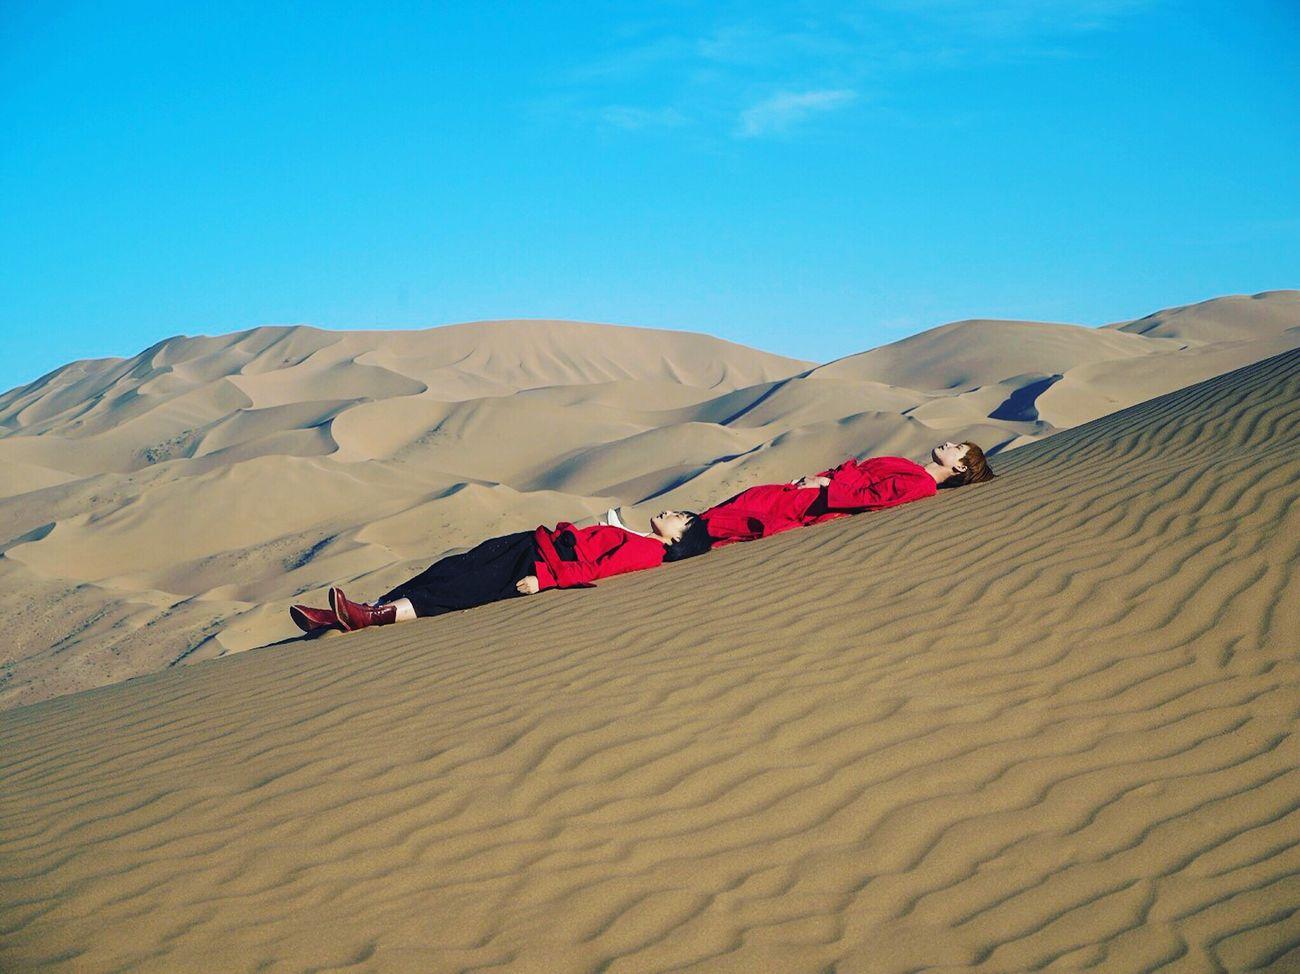 sand, sand dune, desert, arid climate, landscape